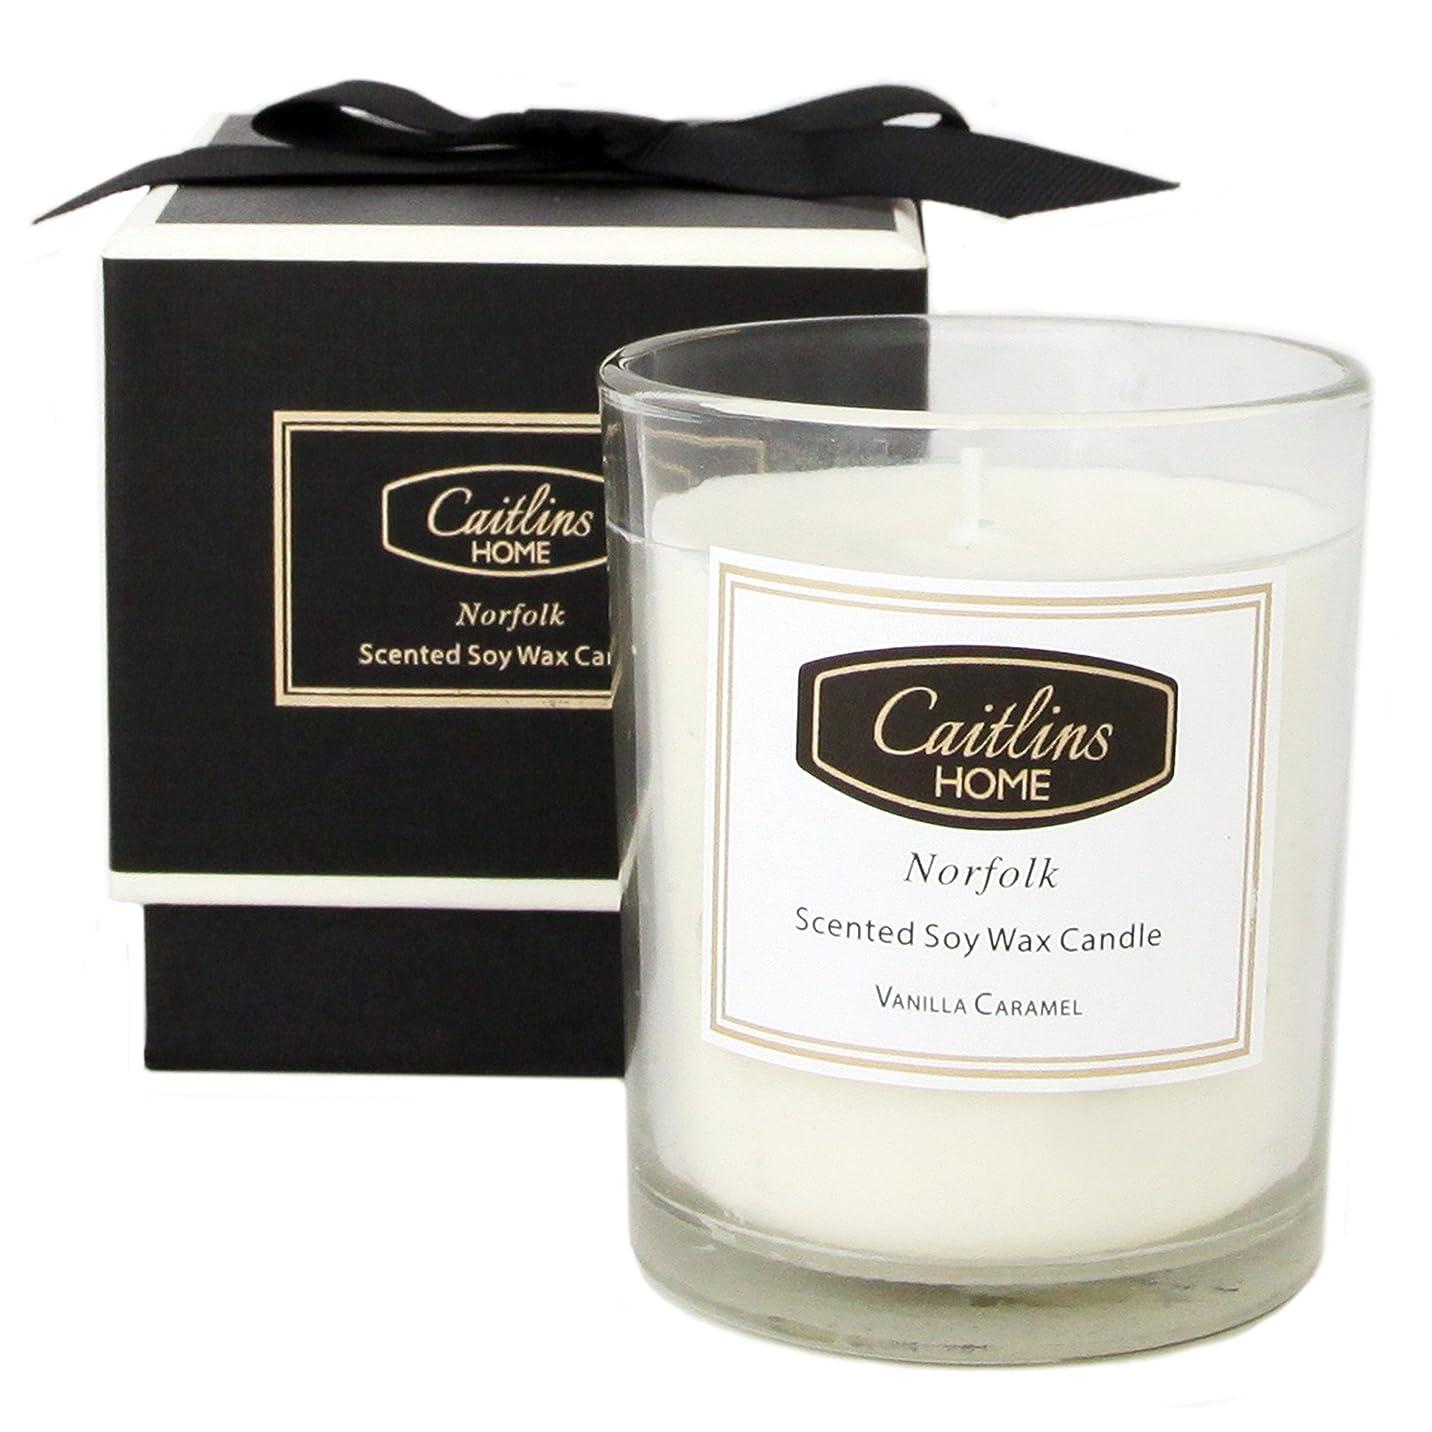 動音声学居眠りする(Small, Vanilla Caramel) - Vanilla Caramel Candle Soy Wax Aromatherapy Candle Home Fragrance Gift Caitlins Home